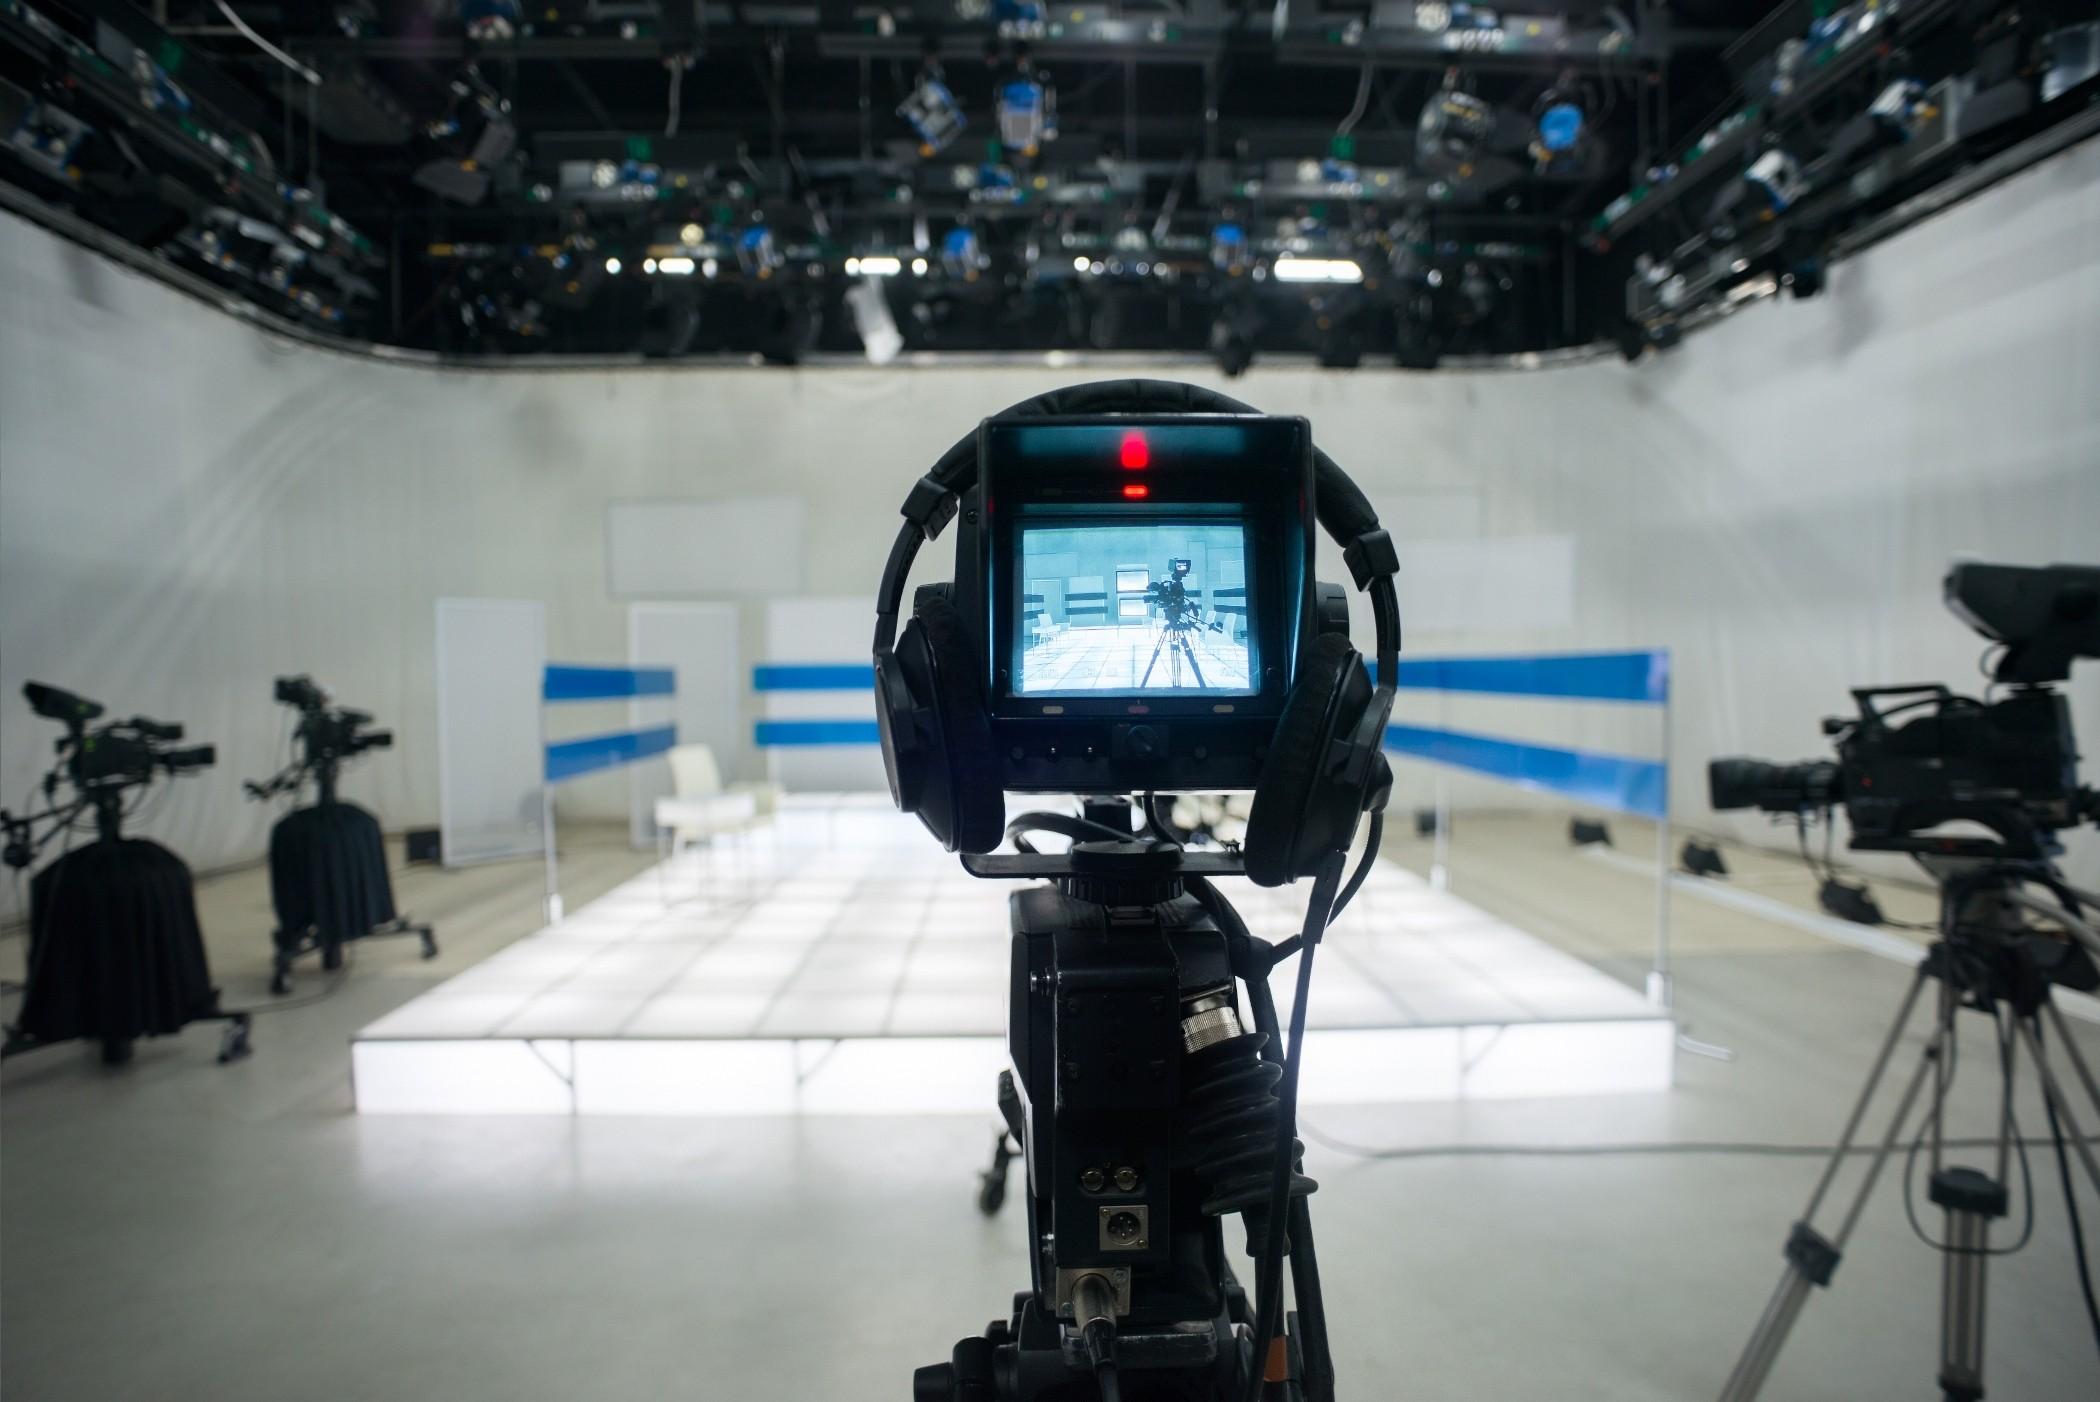 Como o filme institucional pode ajudar sua empresa? 1